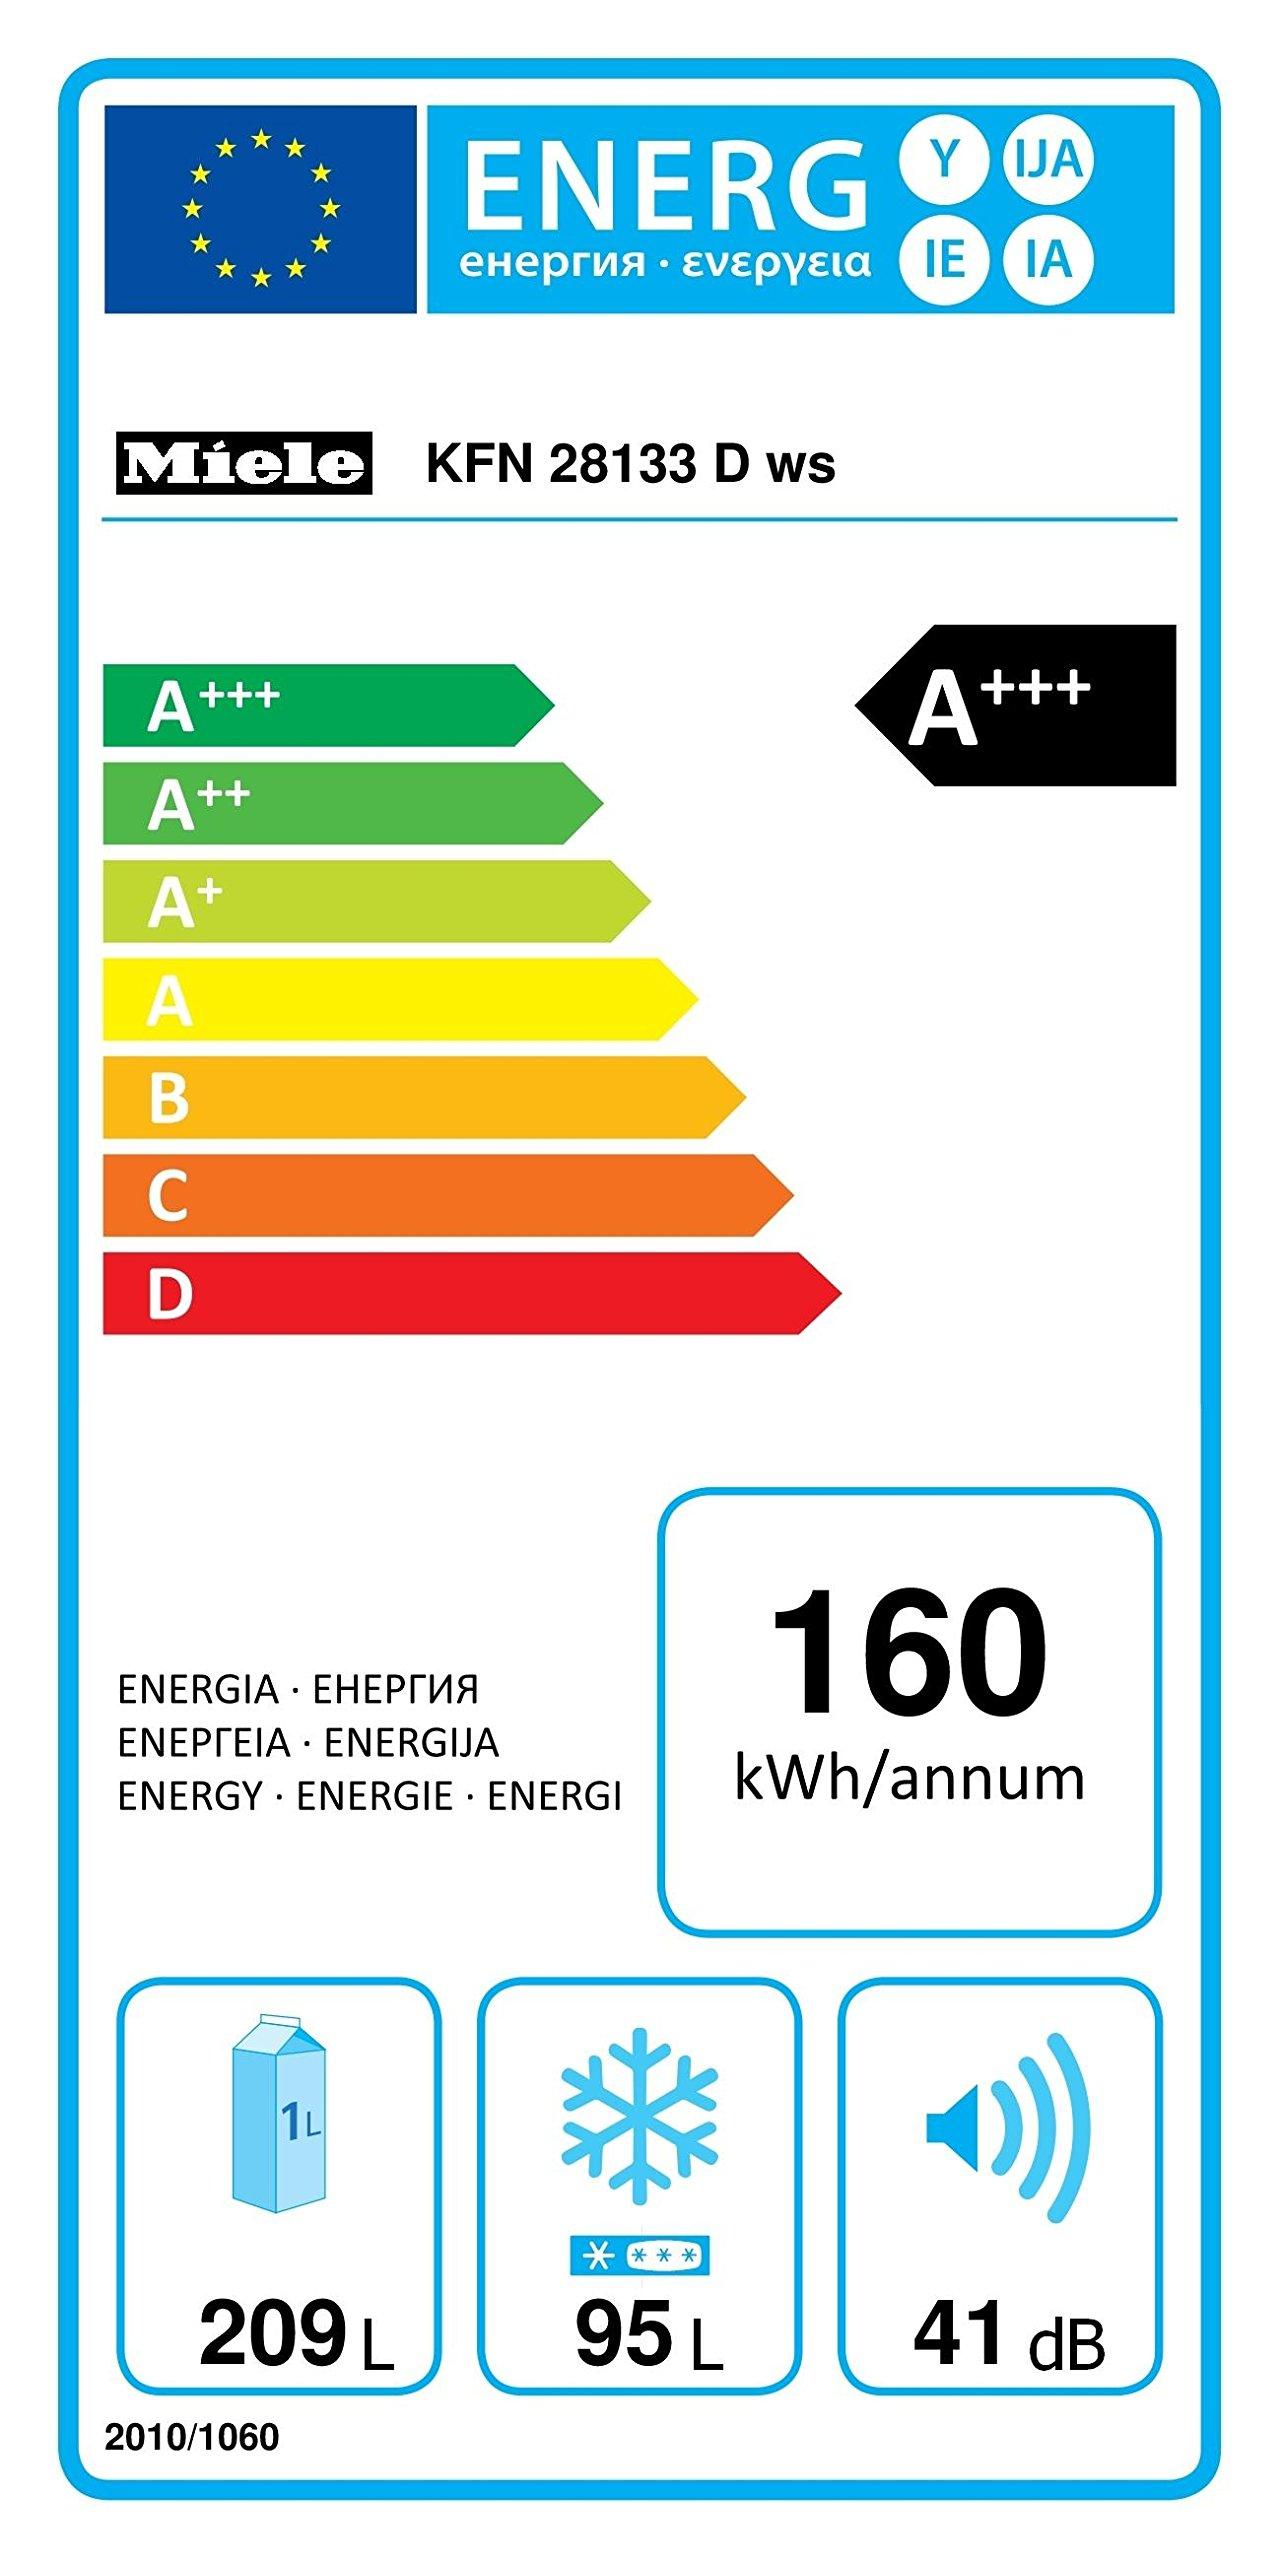 Miele KFN 28133 D ws Kühl-Gefrier-Kombination / Energieeffizienz A+++ / 186,1 cm / 160 kWh/Jahr / 209 Liter Kühlteil…